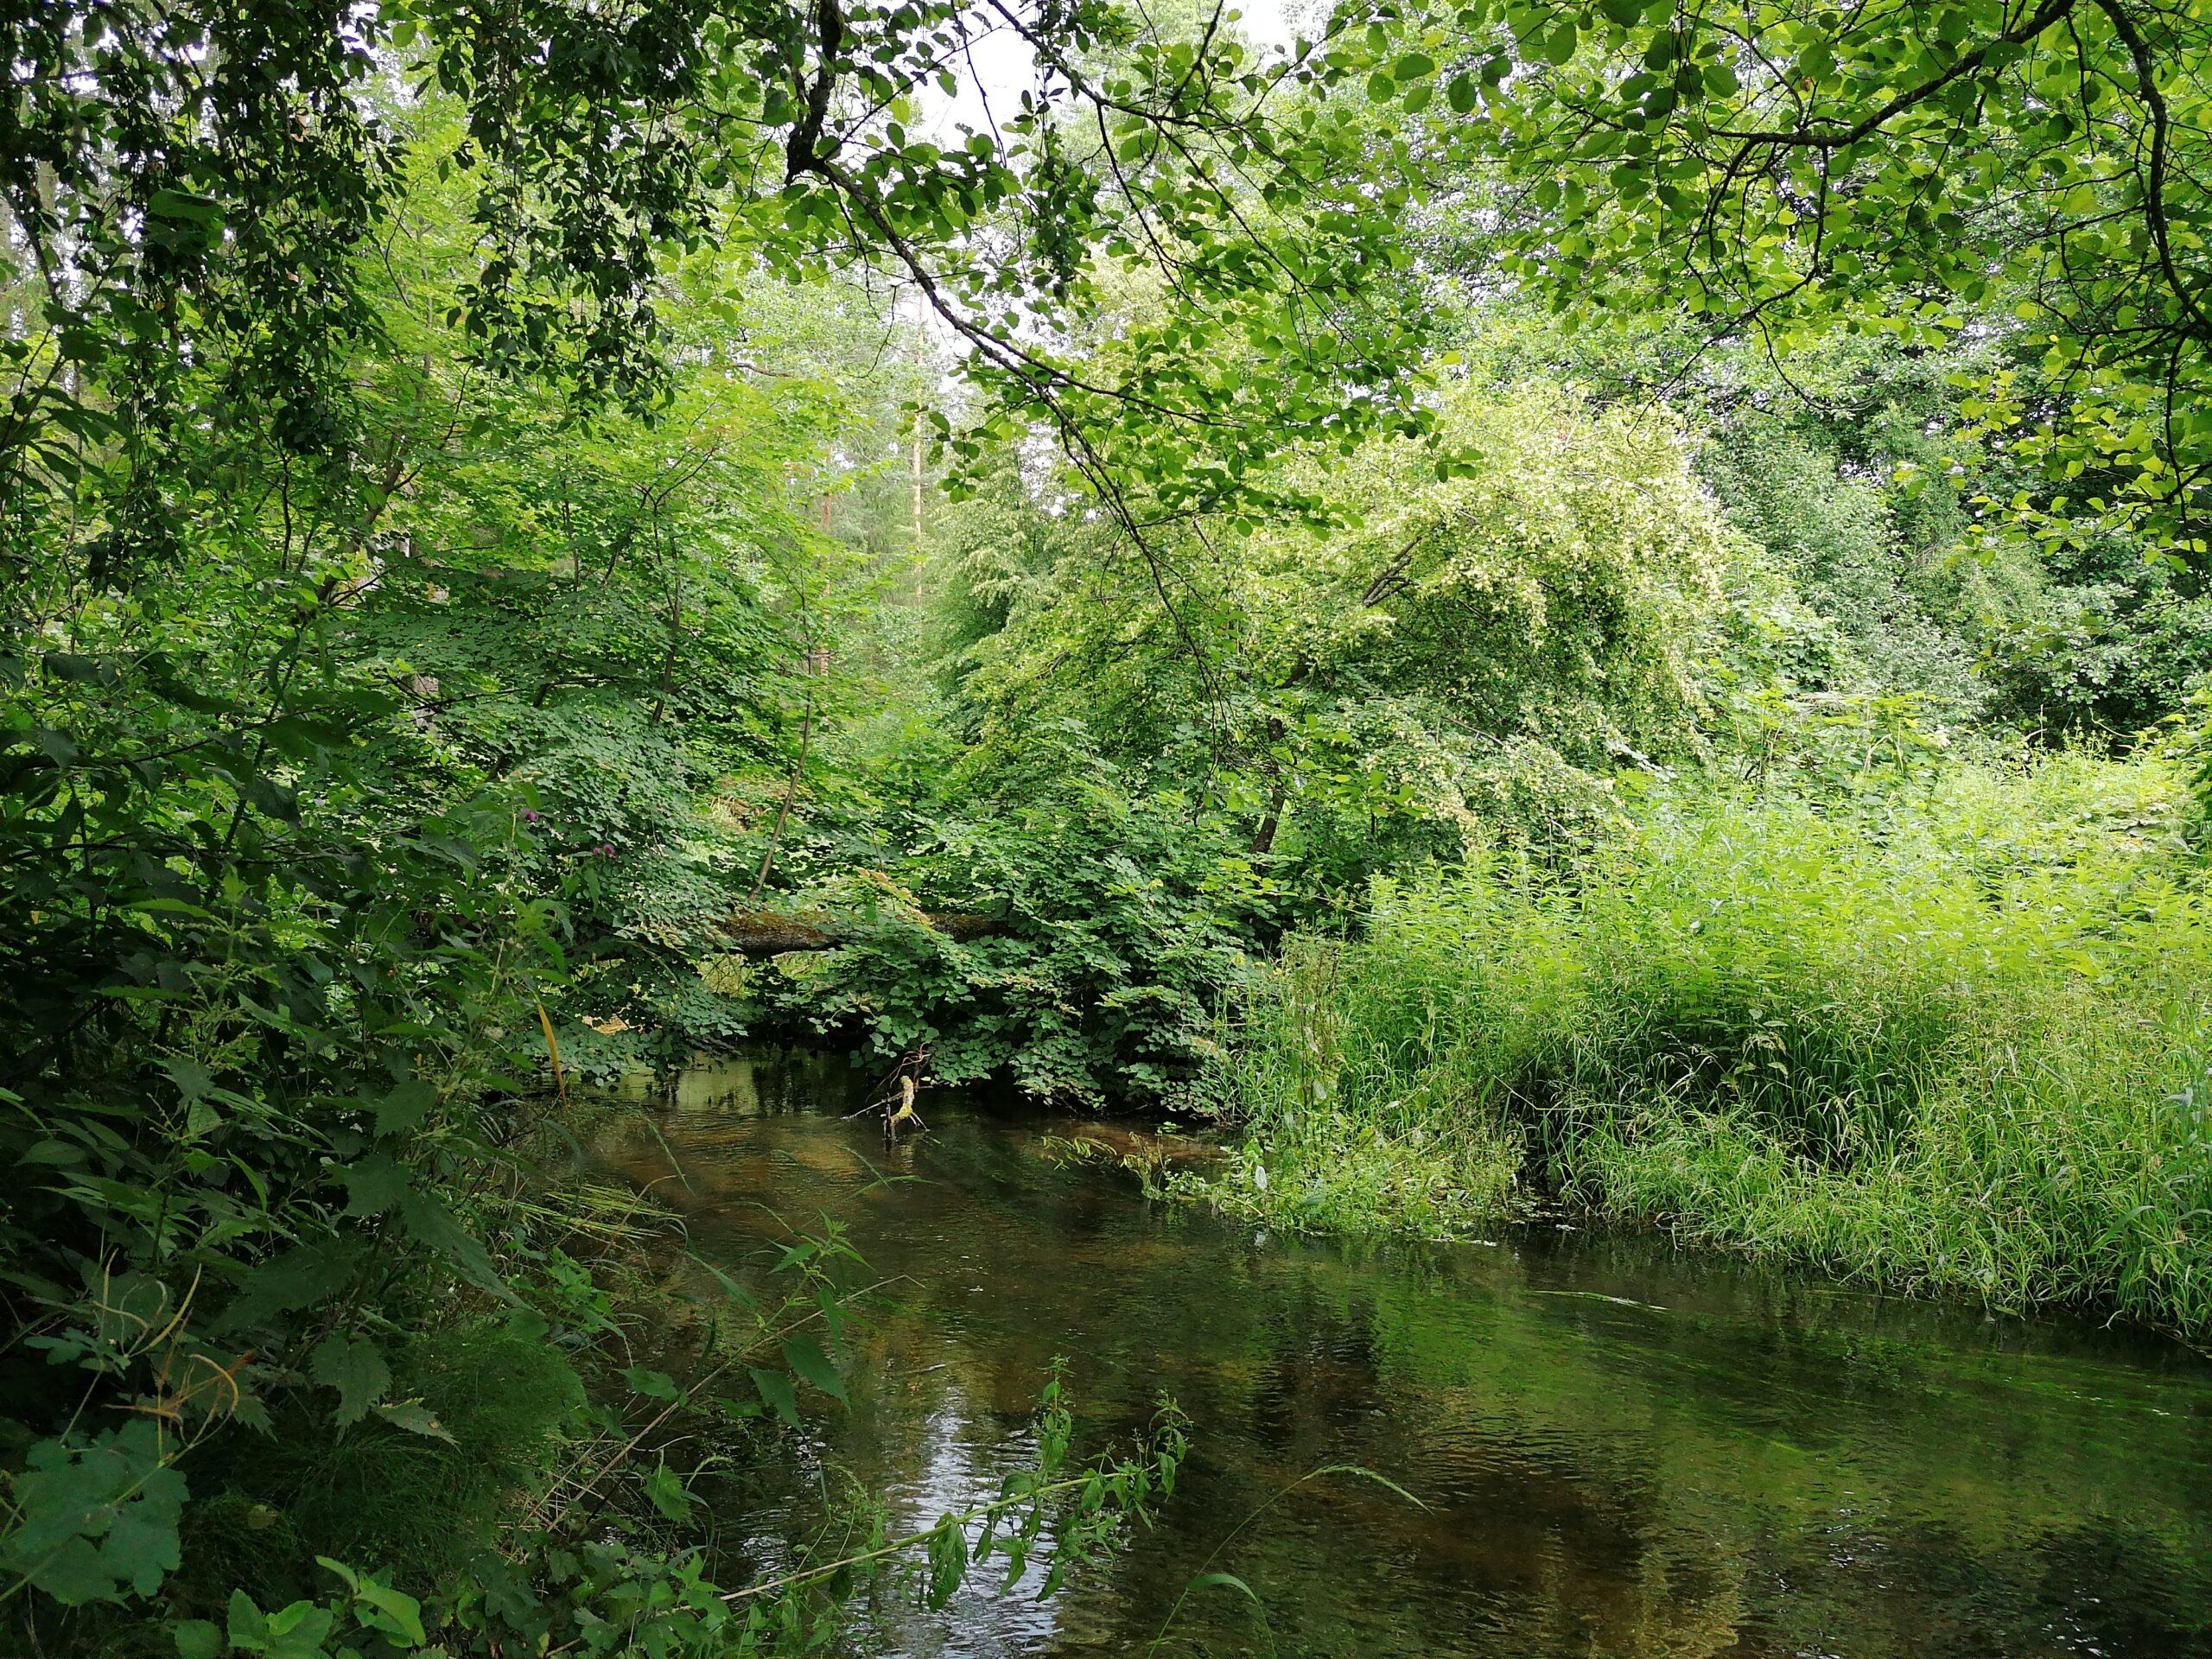 Liepa kaip tiltas per upę miške.